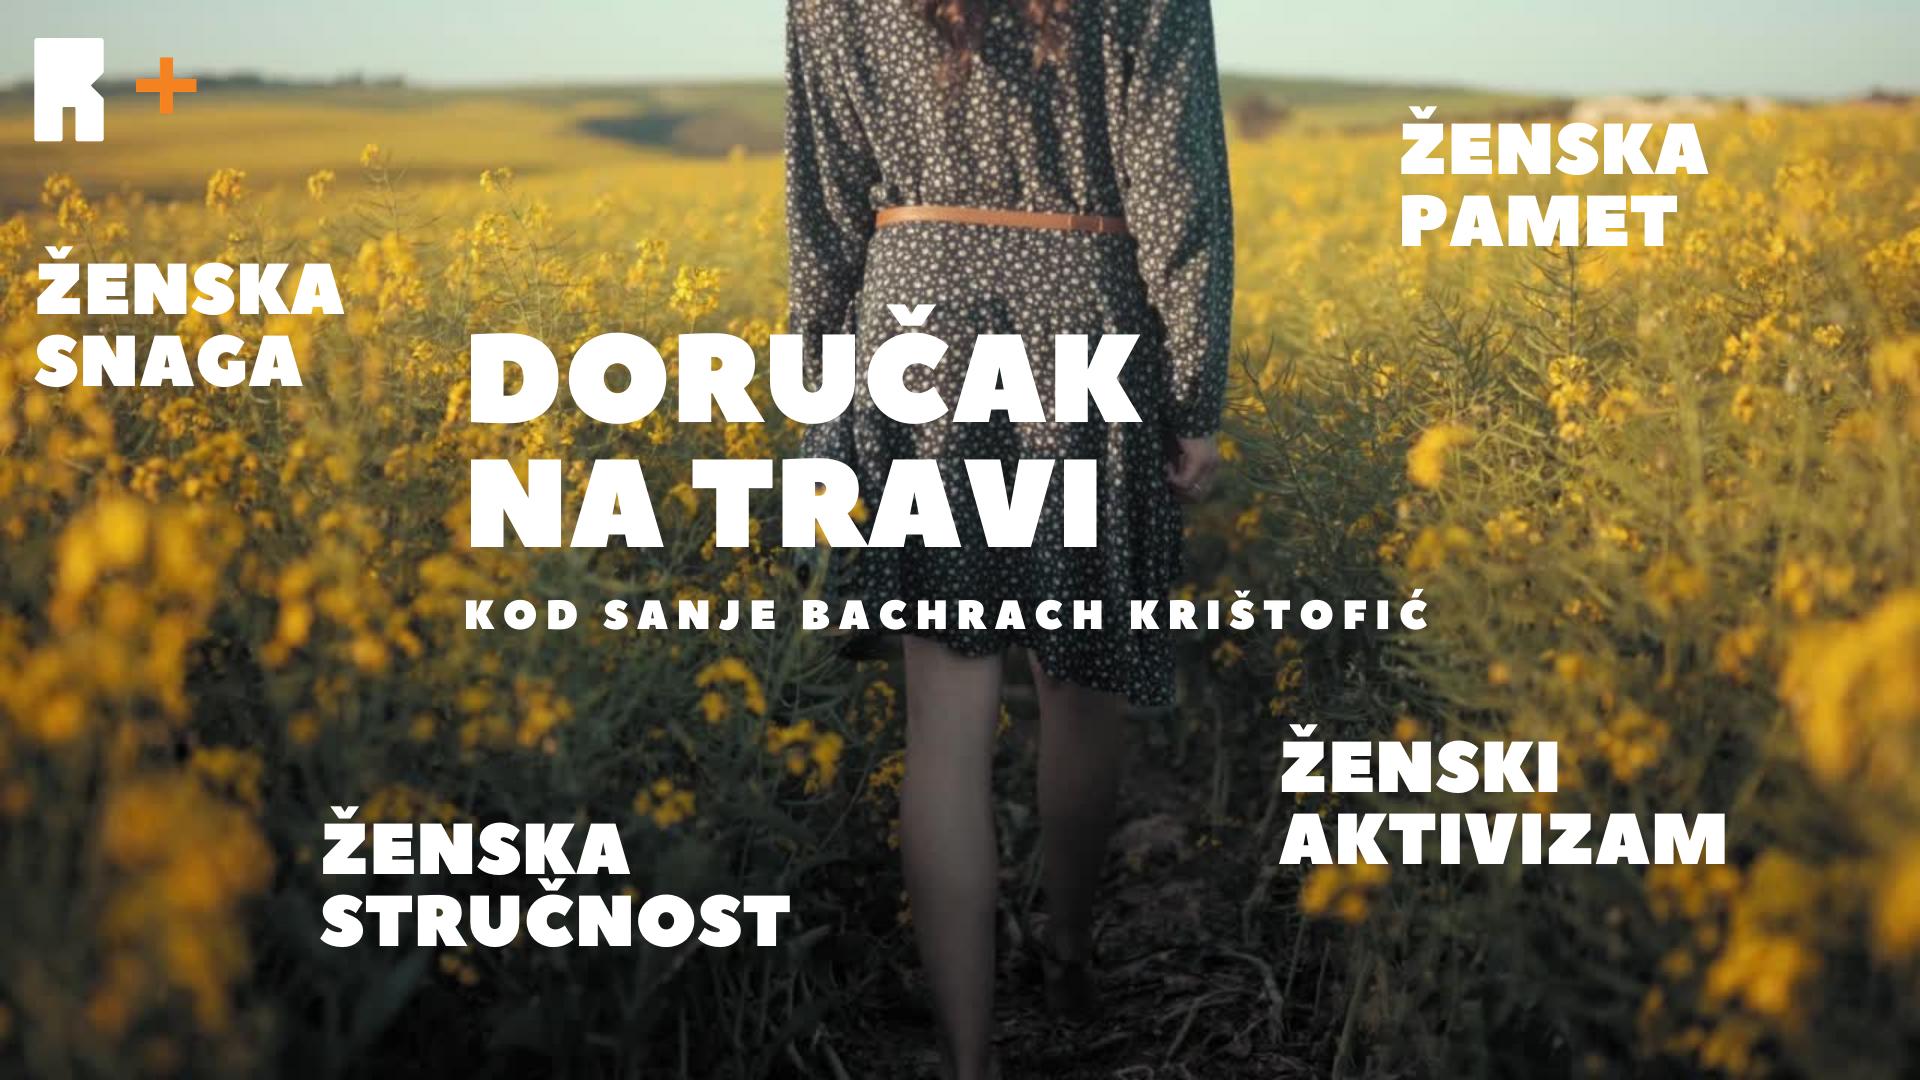 R+: Doručak na travi | Uz svjetski dan dizajna (27.4.) - dizajnerice Maša Milovac i Kristina Volf